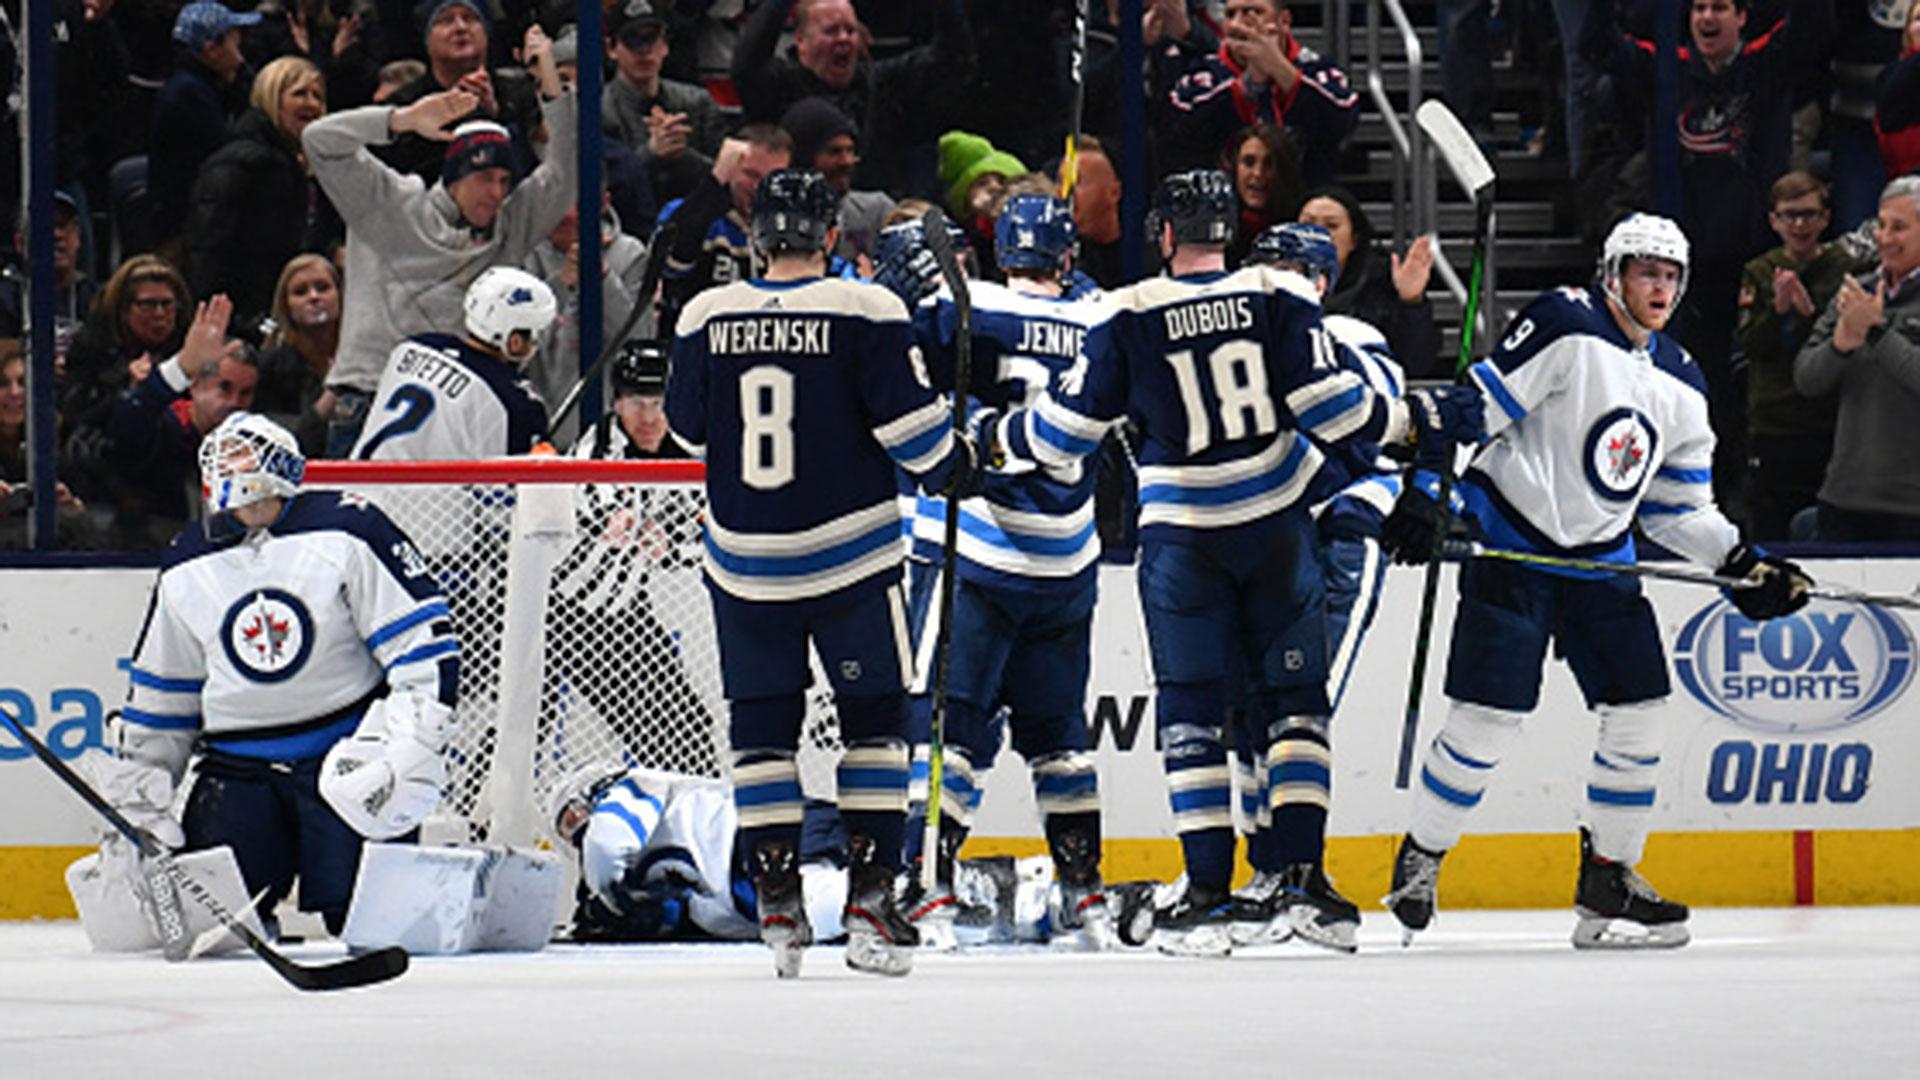 NHL: Jets 3, Blue Jackets 4